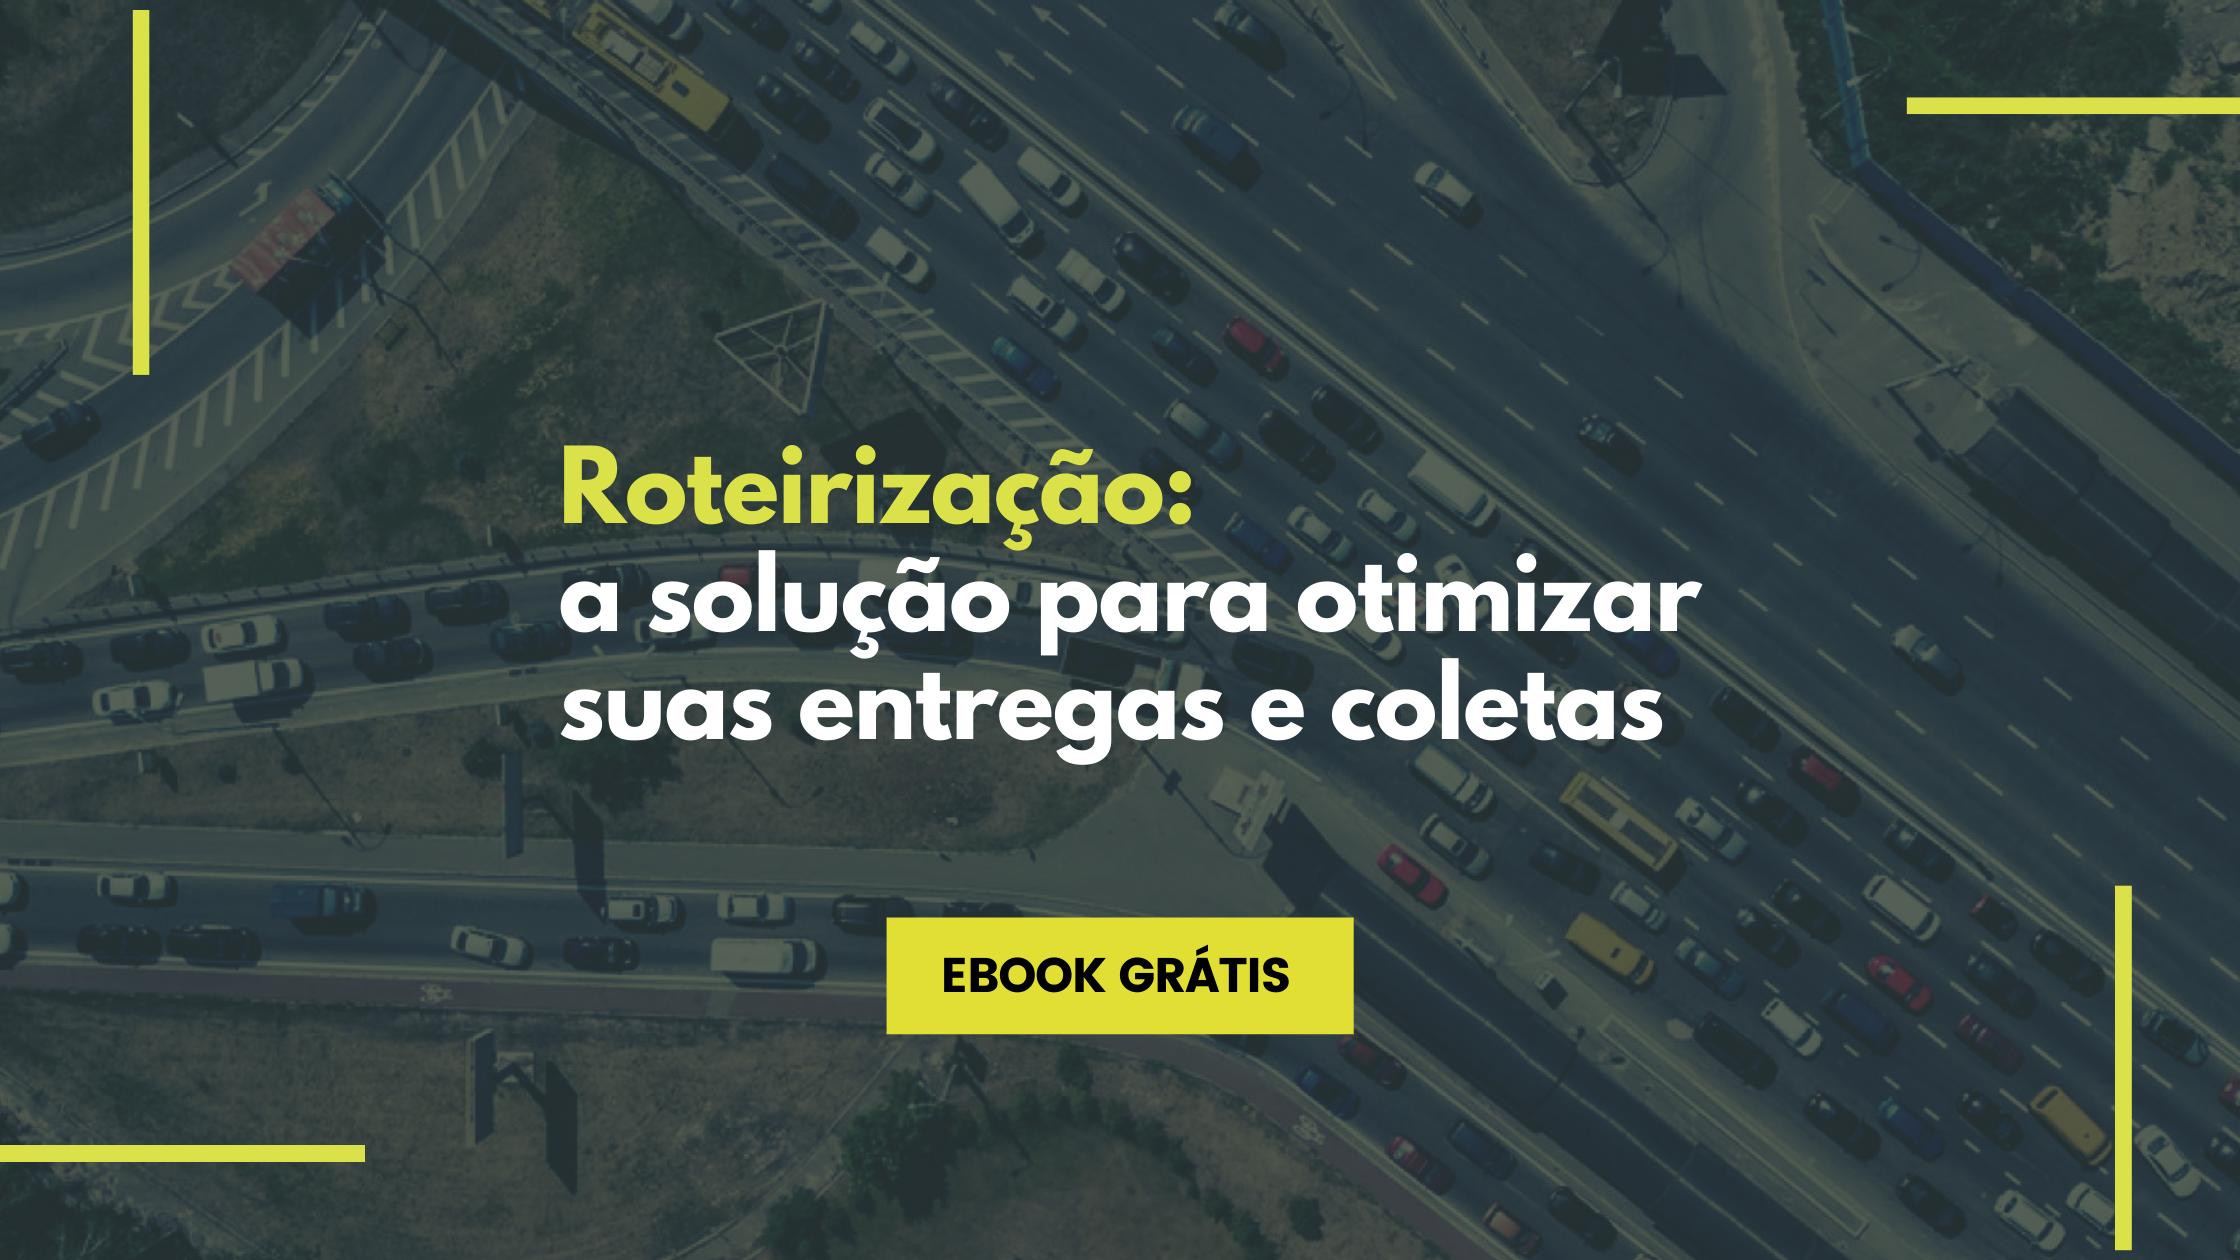 [EBOOK] Roteirização: a solução para otimizar suas entregas e coletas